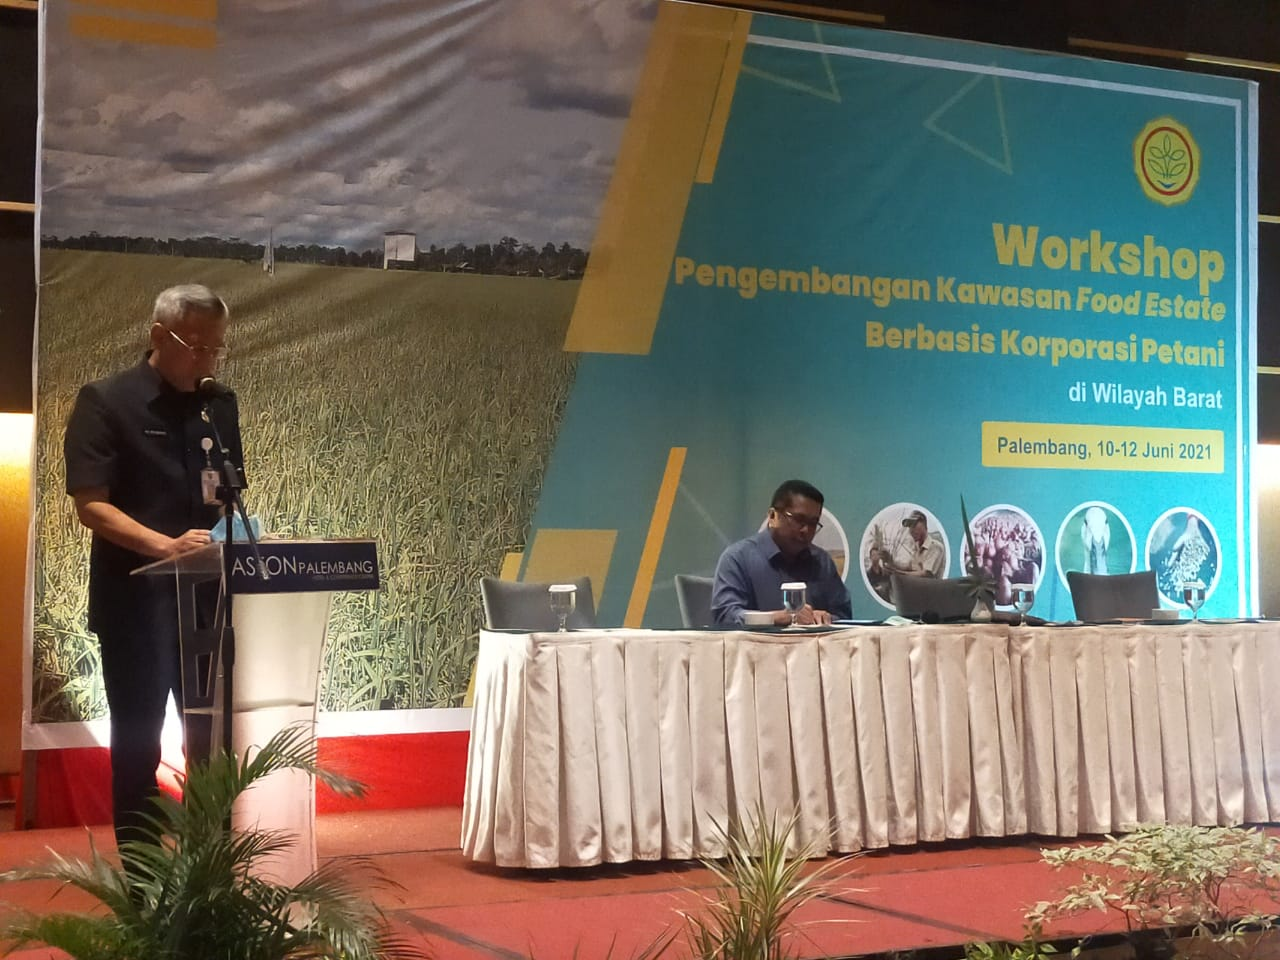 Kadis Pertanian TPH Sumsel Dukung PT Buyung Poetra Sembada Sebagai Mitra Kerja Pemerintah Untuk Mendukung Program Food estate